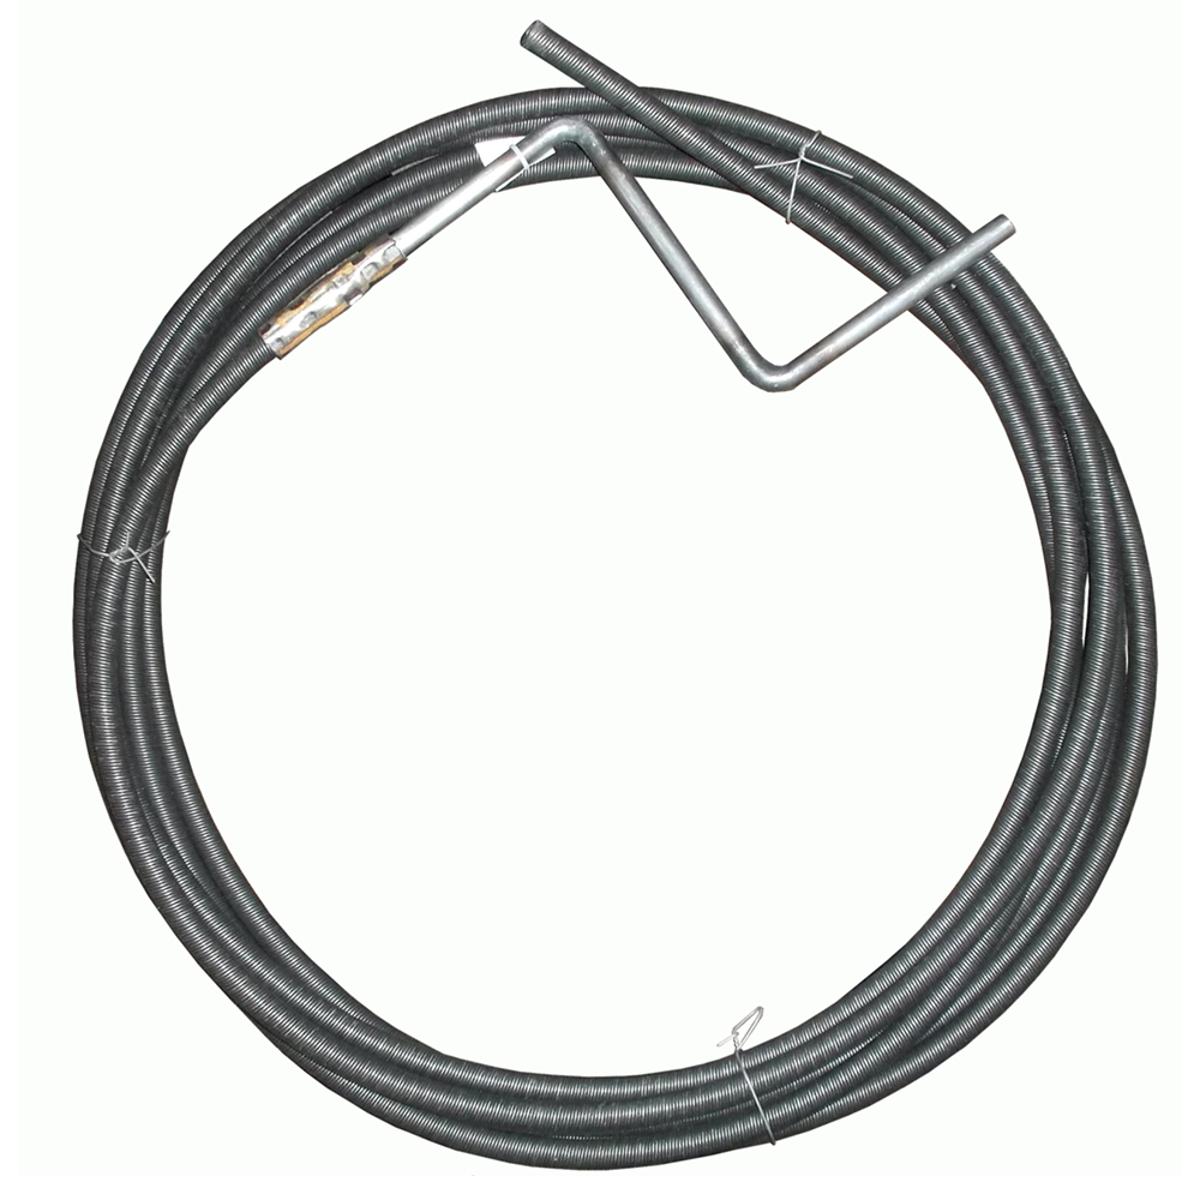 Трос для прочистки канализационных труб Masterprof, пружинный, 5,5 мм х 3 мИС.130018Пружинный трос Masterprof предназначен для прочистки канализационных труб. Диаметр: 5,5 мм. Длина 3 метра.